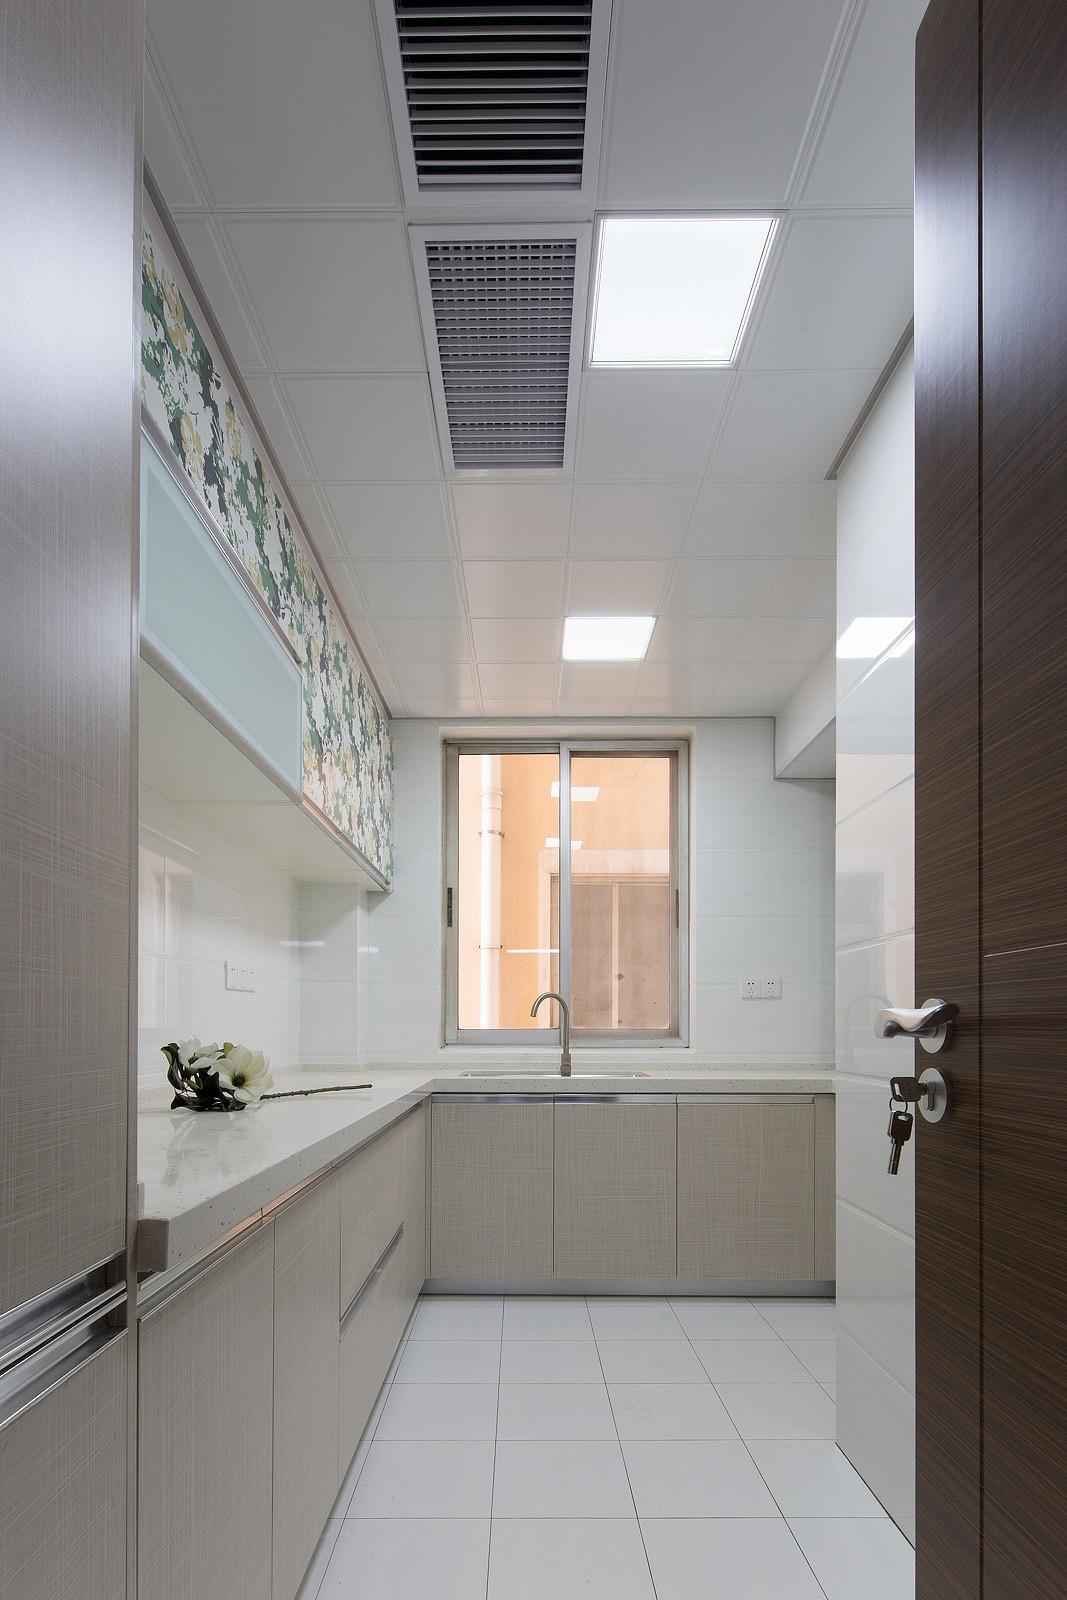 三居室北欧风格装修厨房设计图